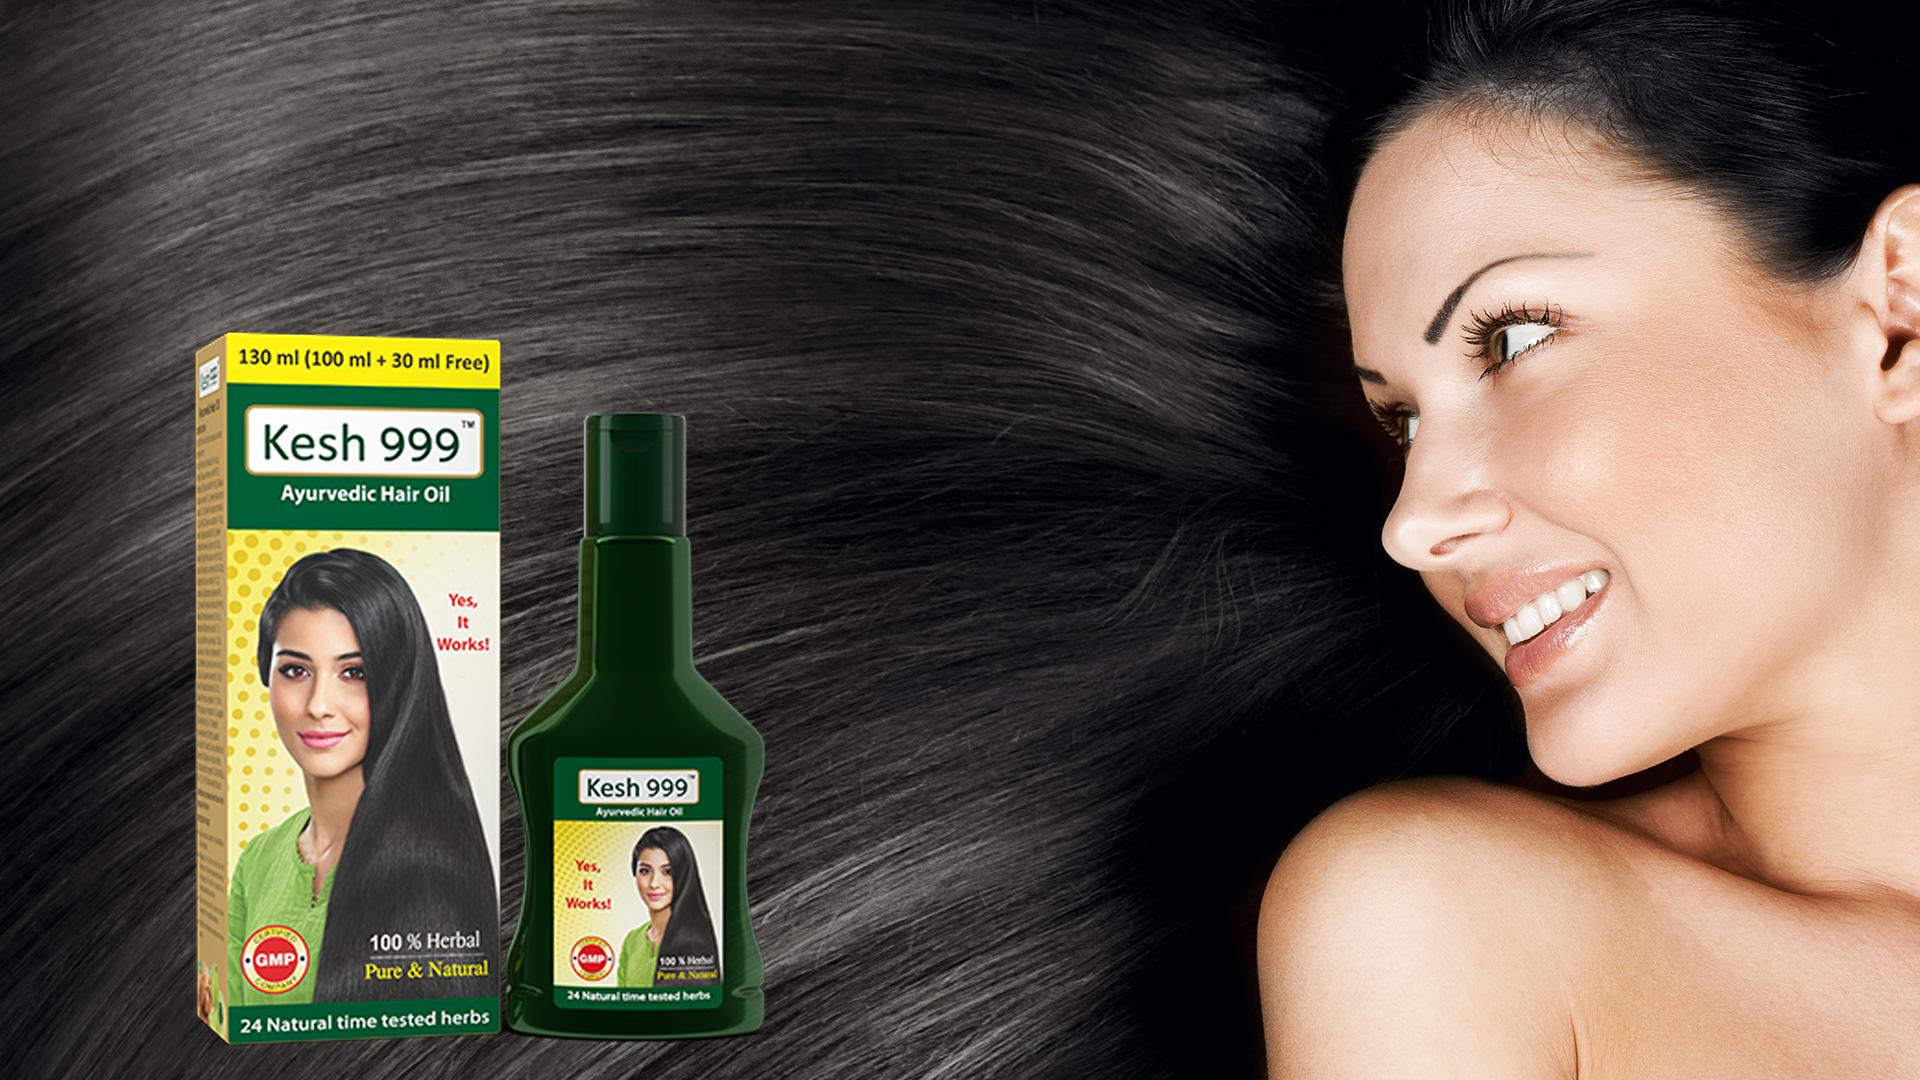 kesh 999 Hair oils